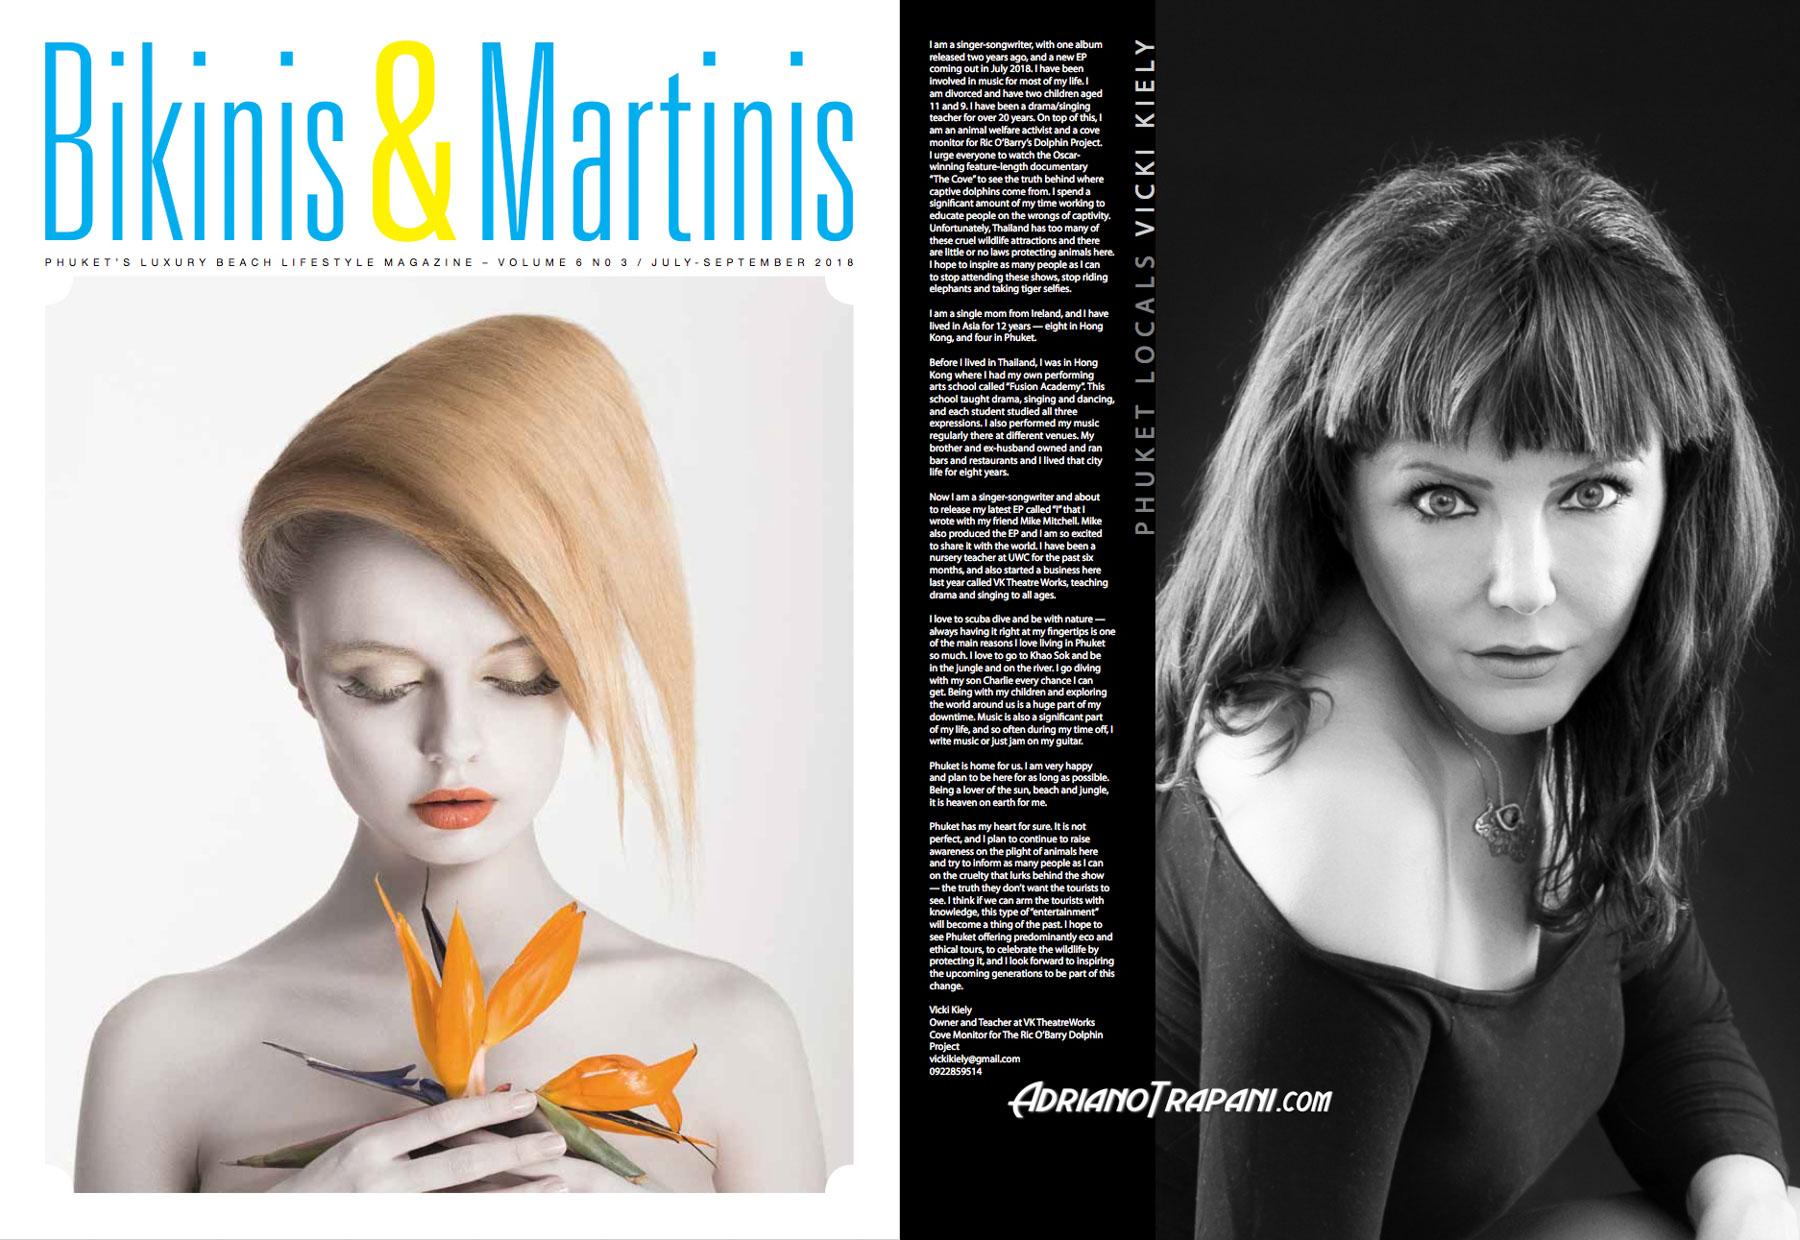 Bikinis & Martinis magazine - Vicki Kiely